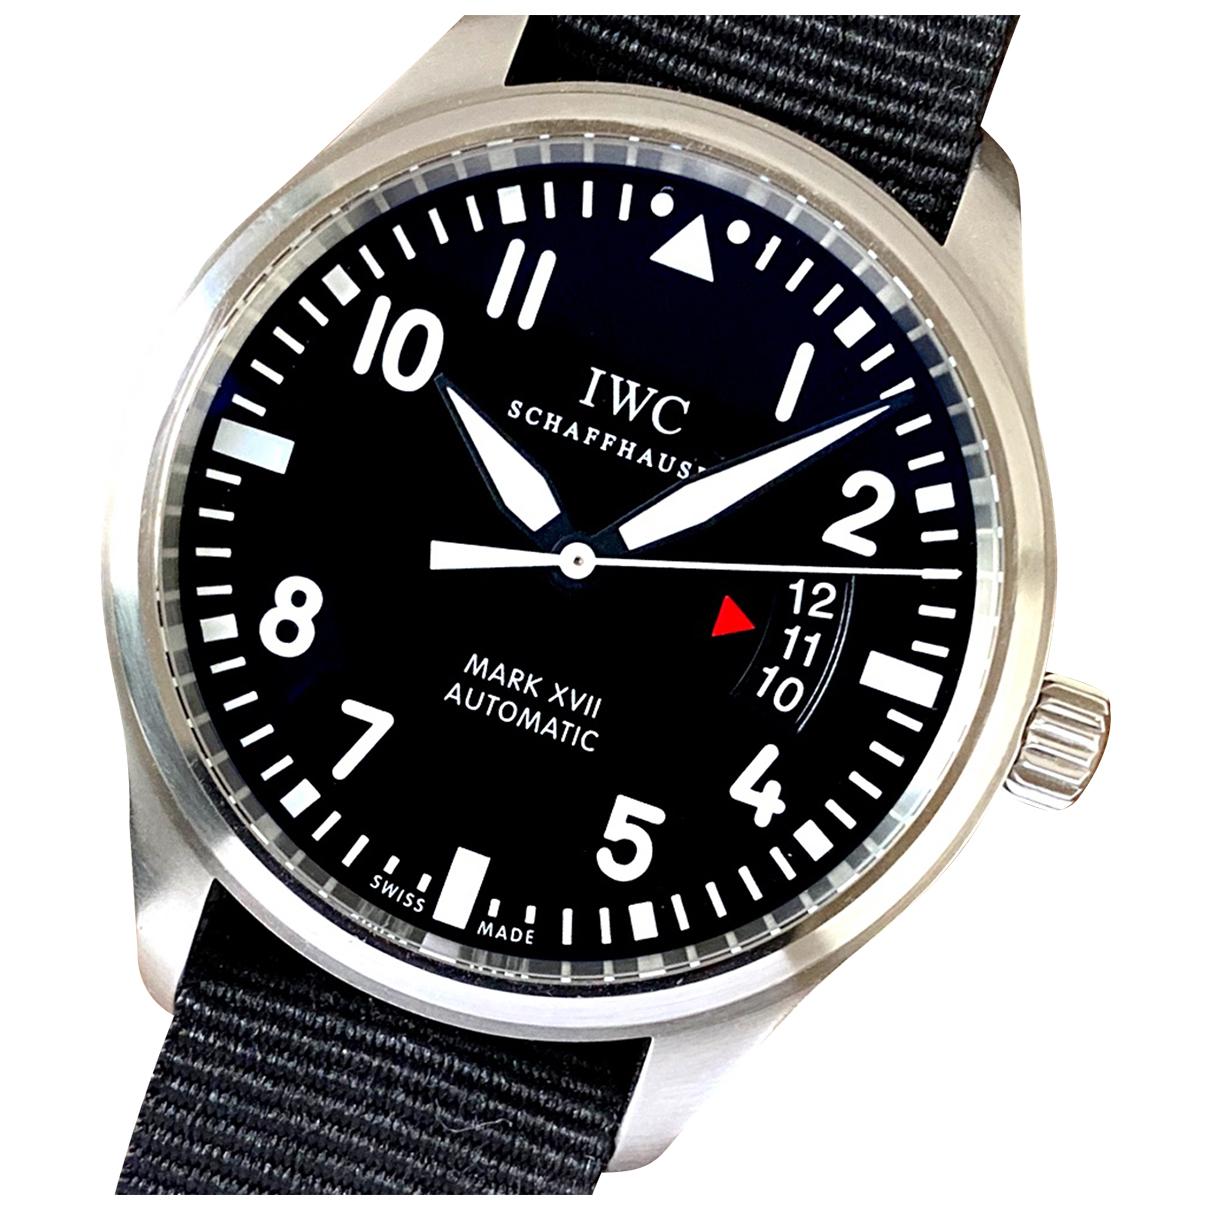 Relojes Pilot Iwc